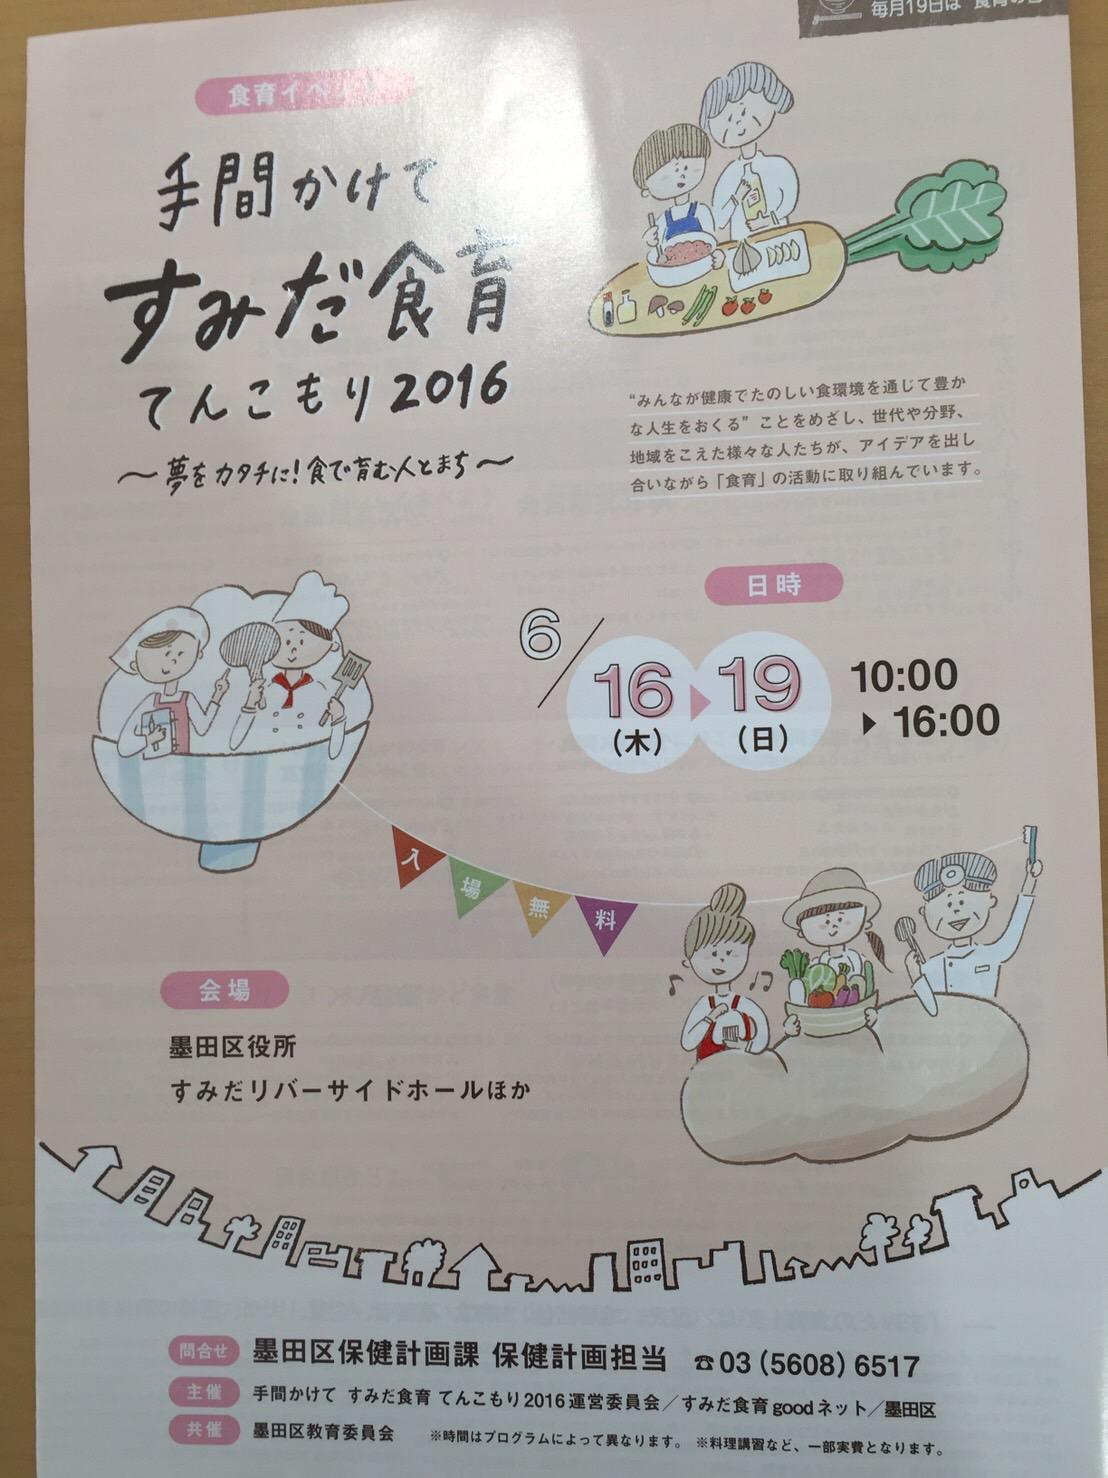 食育イベント 大豆ルネッサンス!